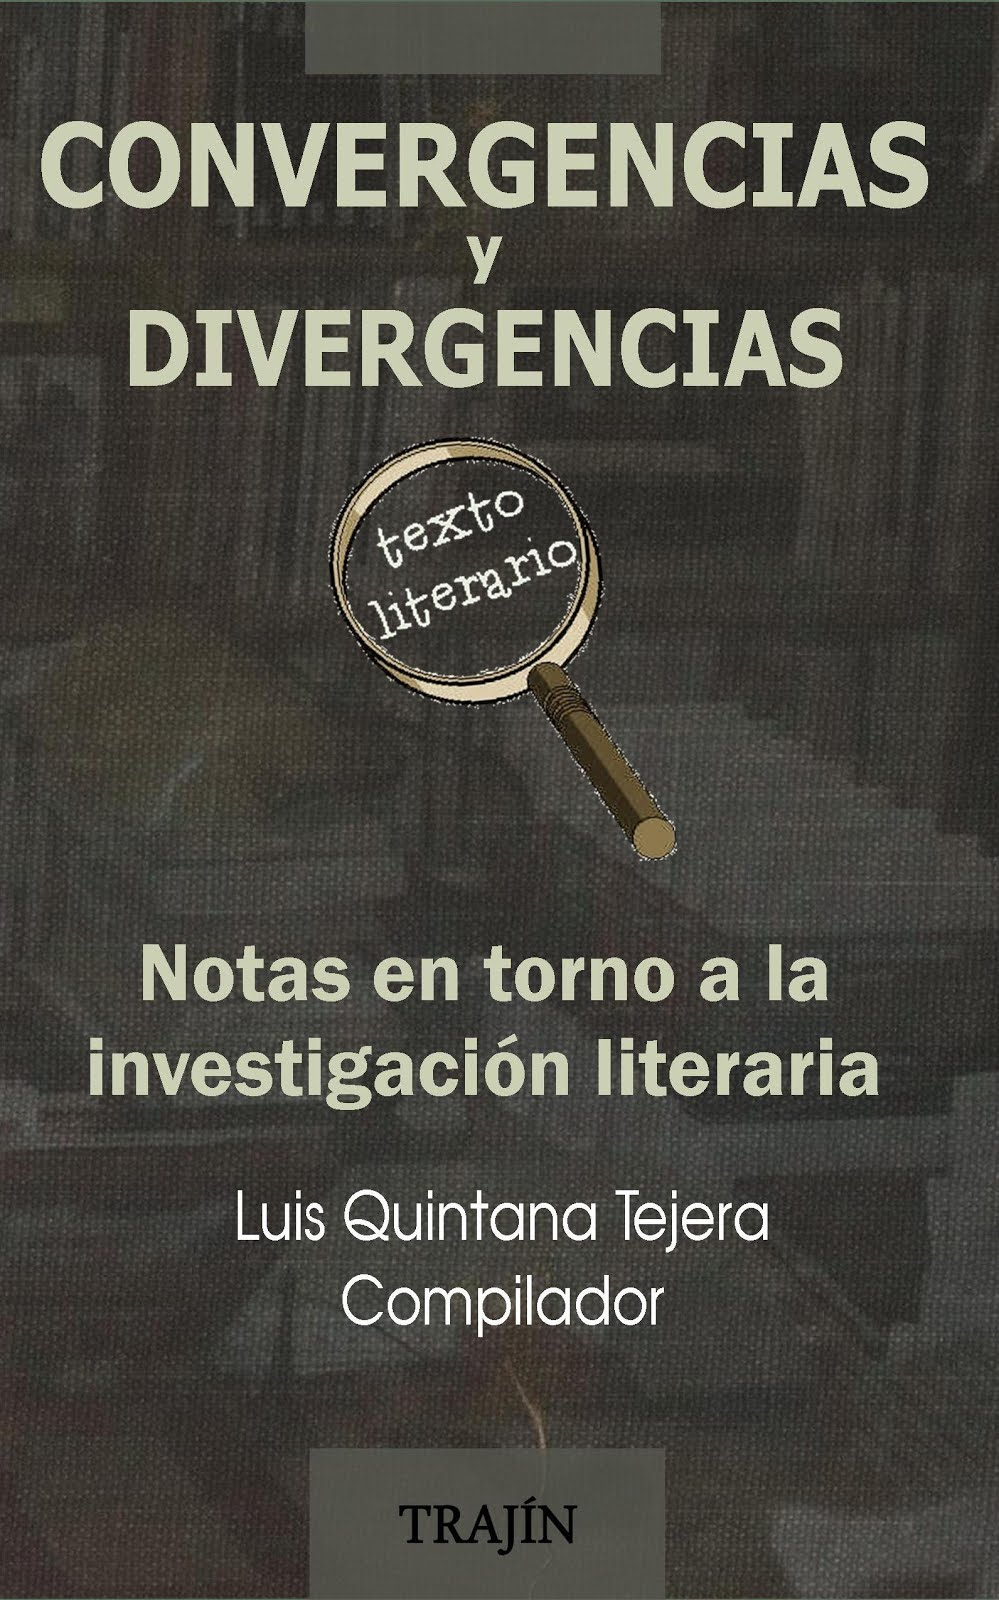 Notas en torno a la investigación literaria